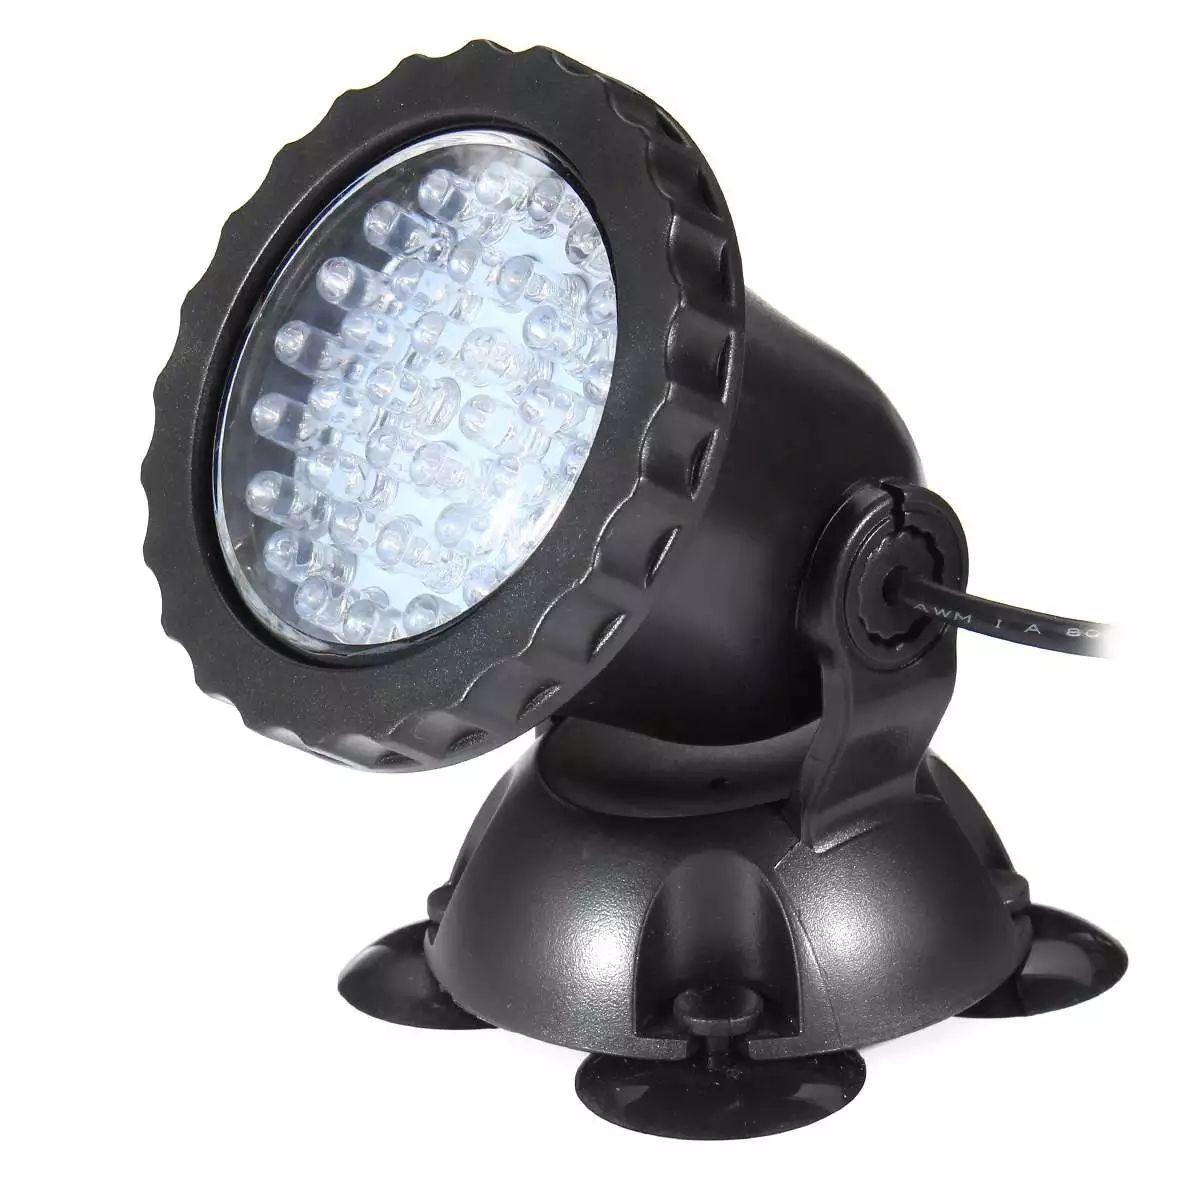 Waterproof Underwater Spot Light Spotlight for Pool Outdoor Garden Fountain Landscape Lighting Waterproof floor lamp JK0631